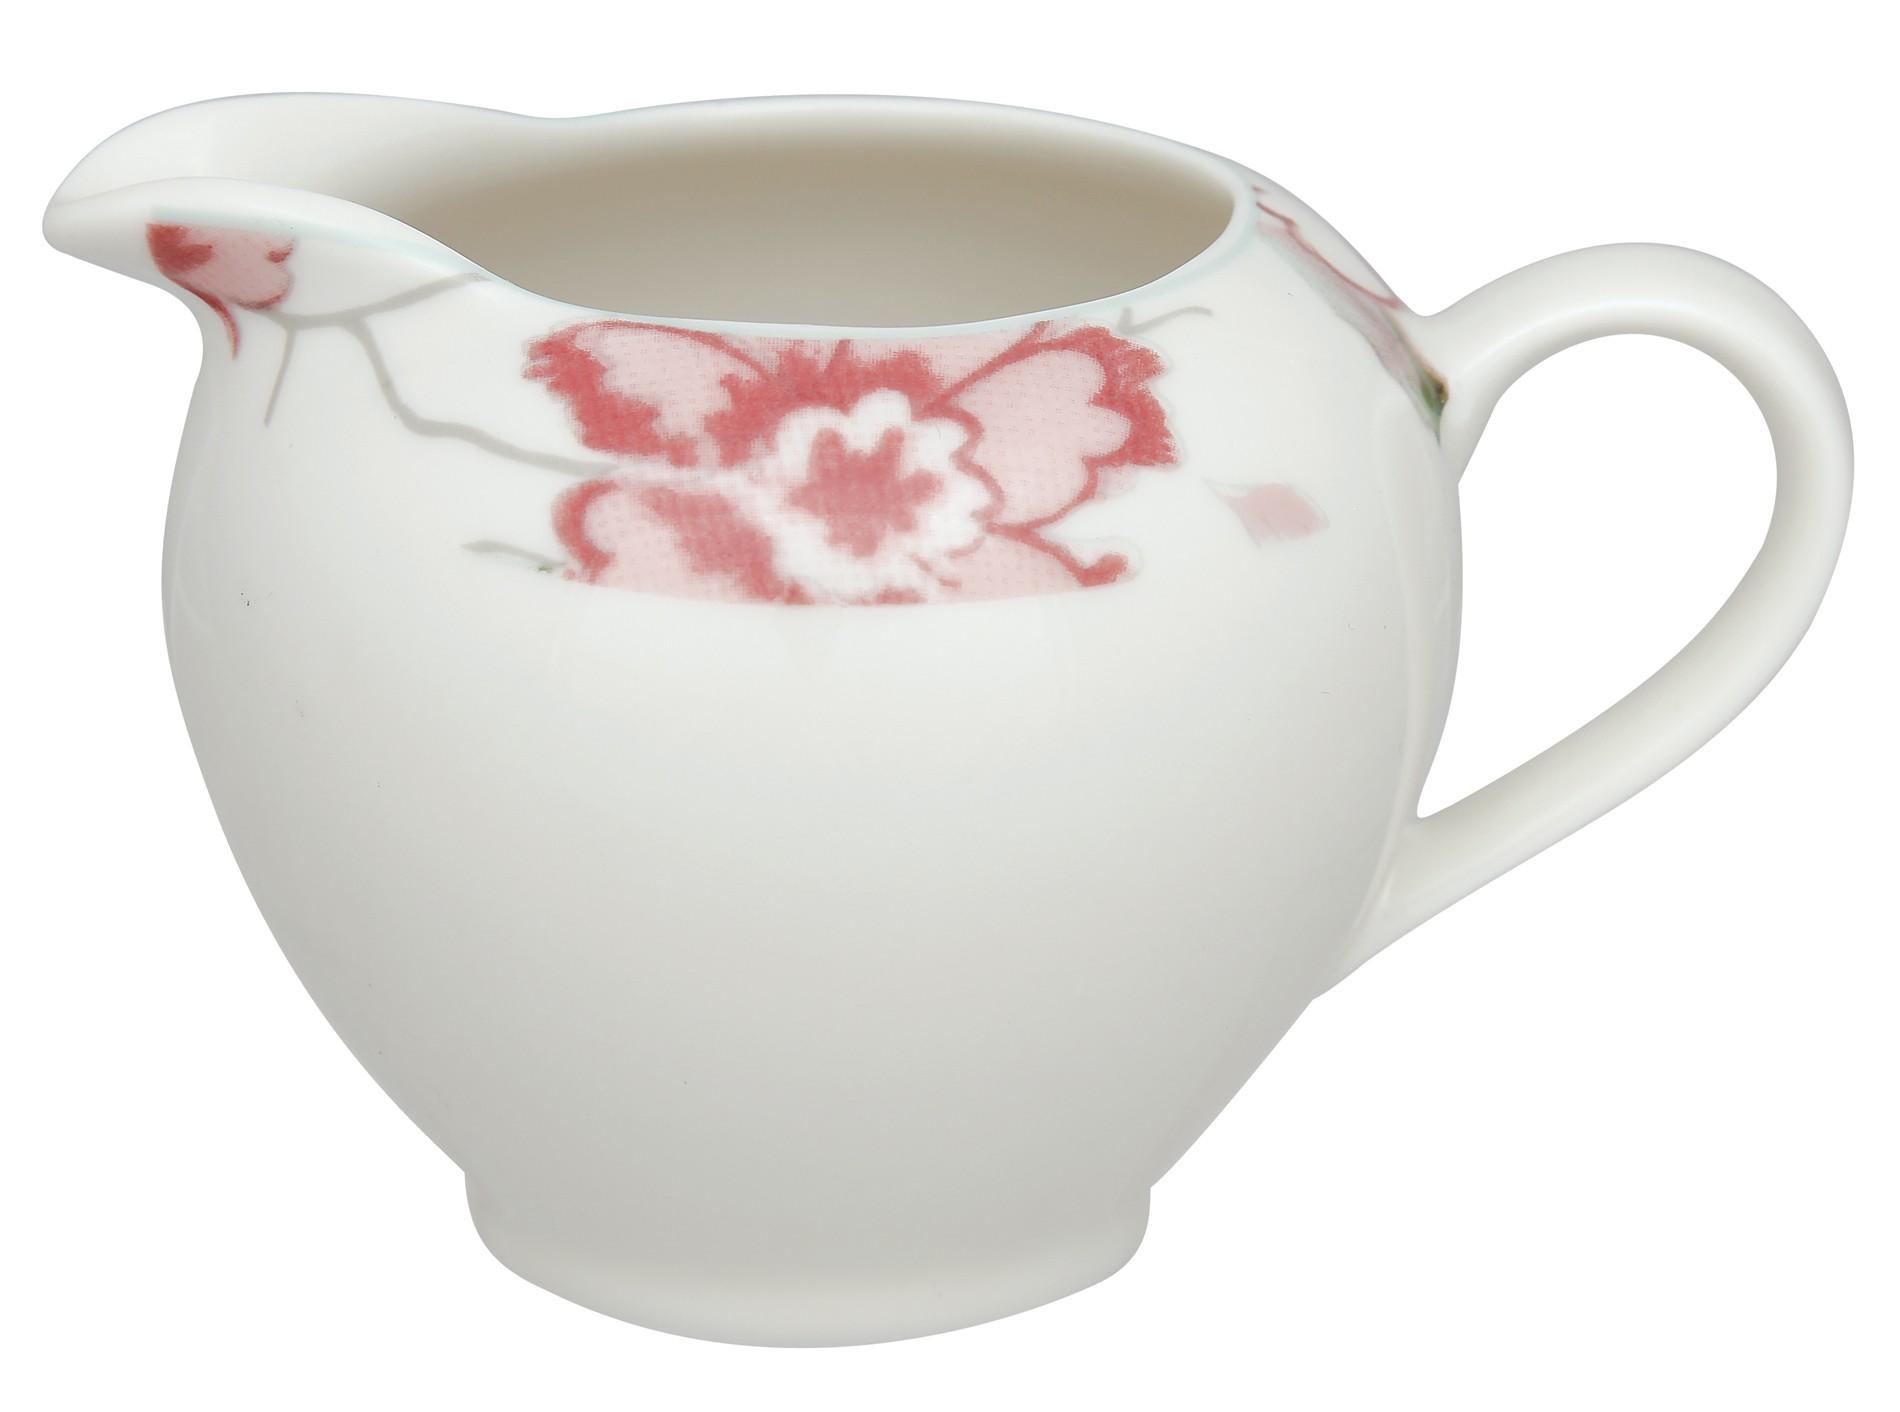 Γαλατιέρα Πορσελάνης Provence Ionia home   ειδη cafe τσαϊ   γαλατιέρες   ζαχαριέρες